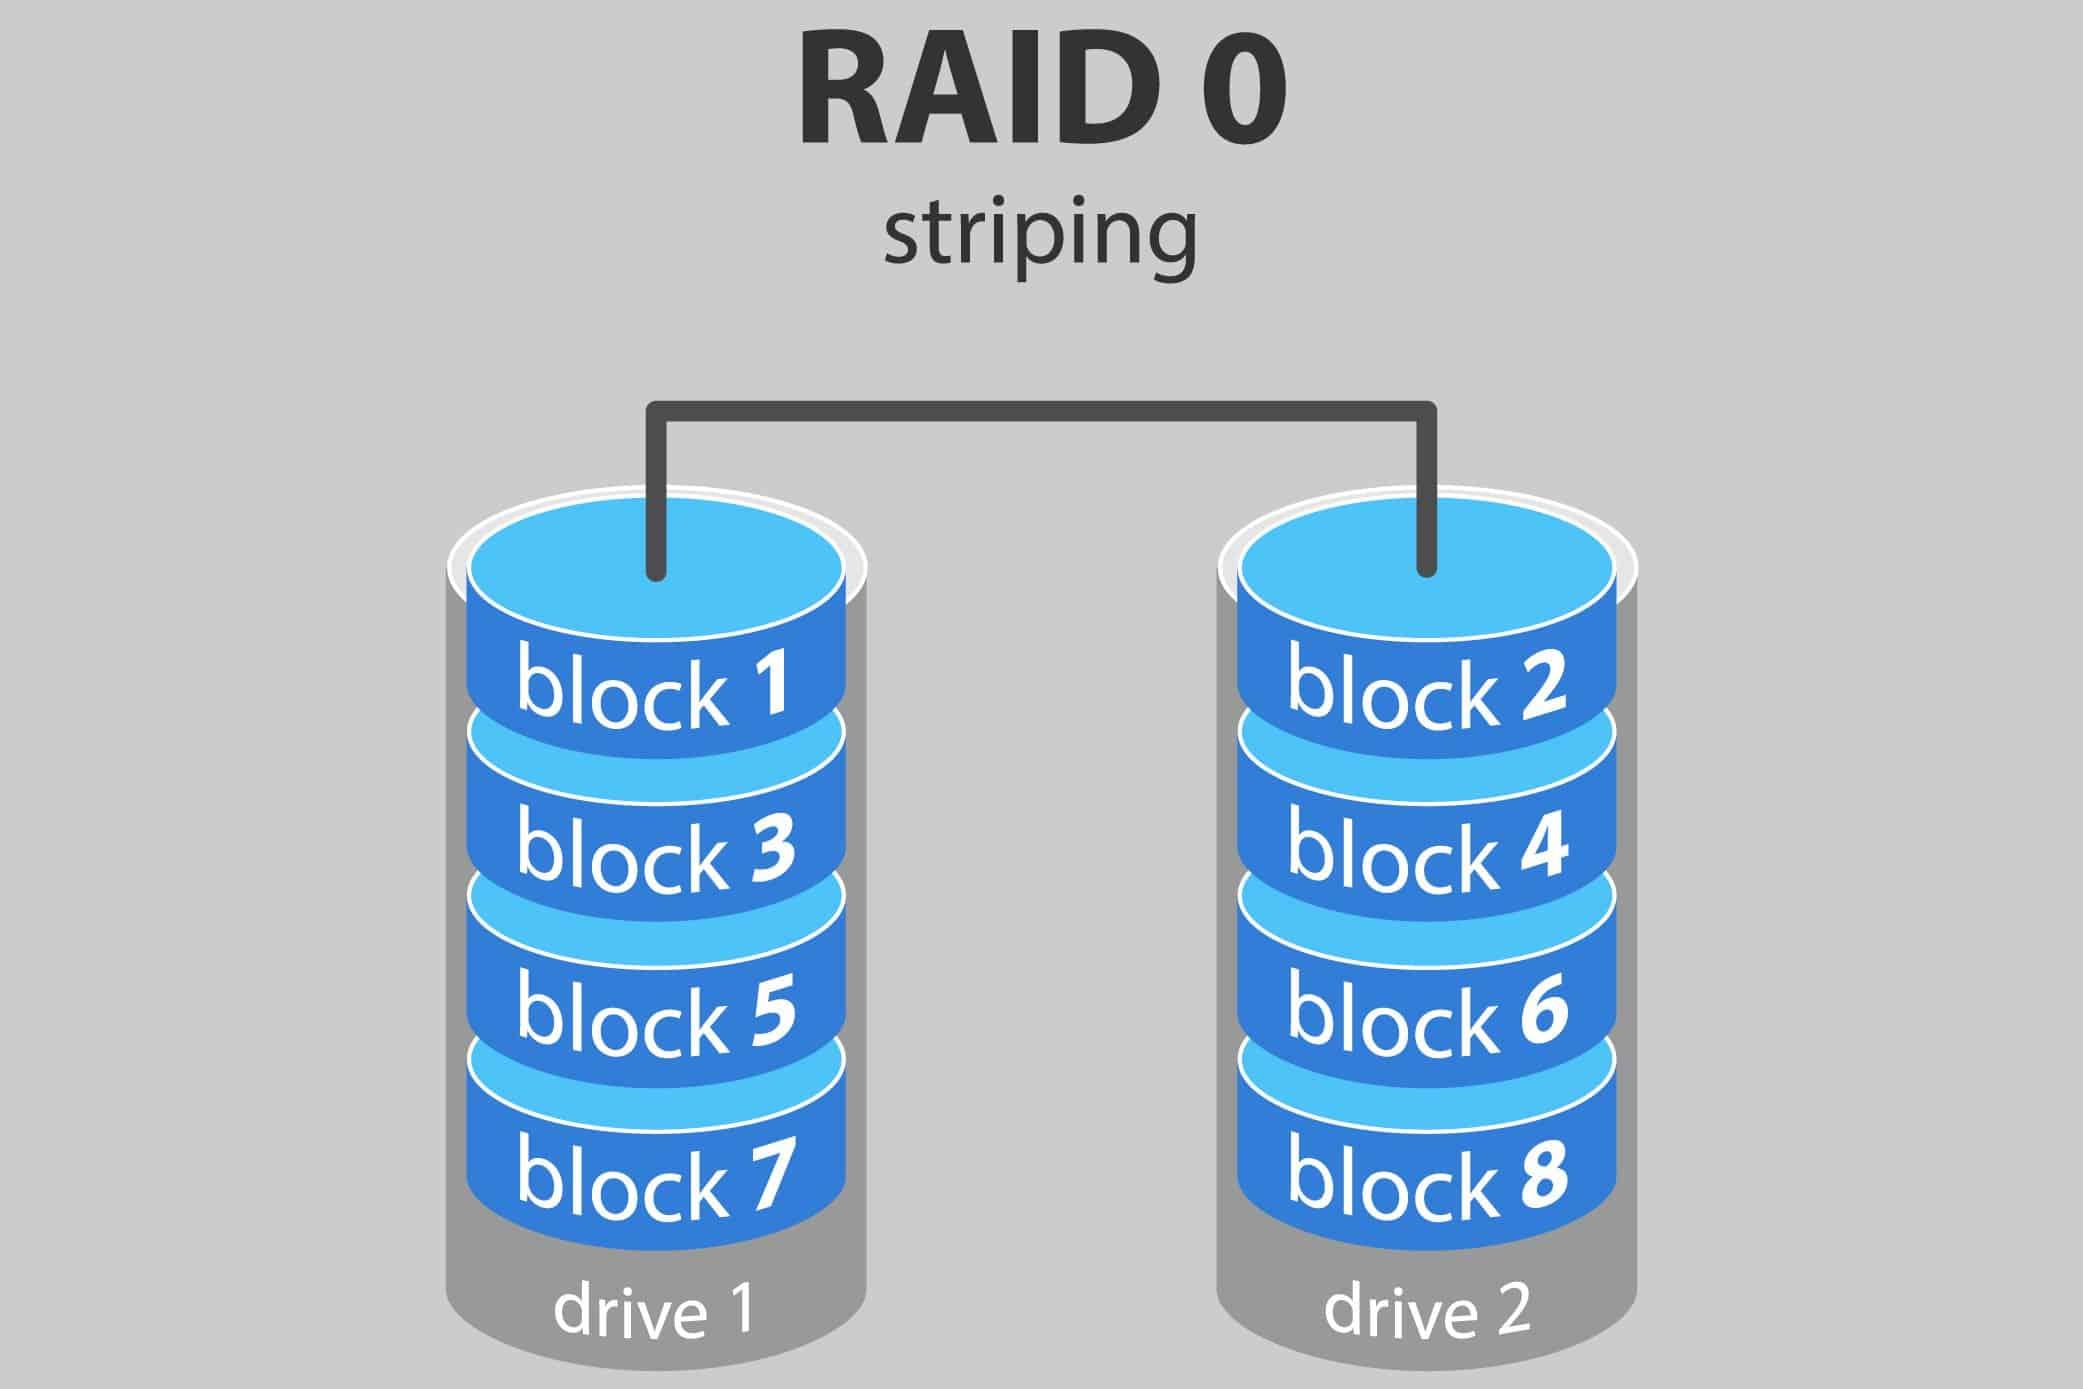 Kiểm tra Raid trên server như thế nào?